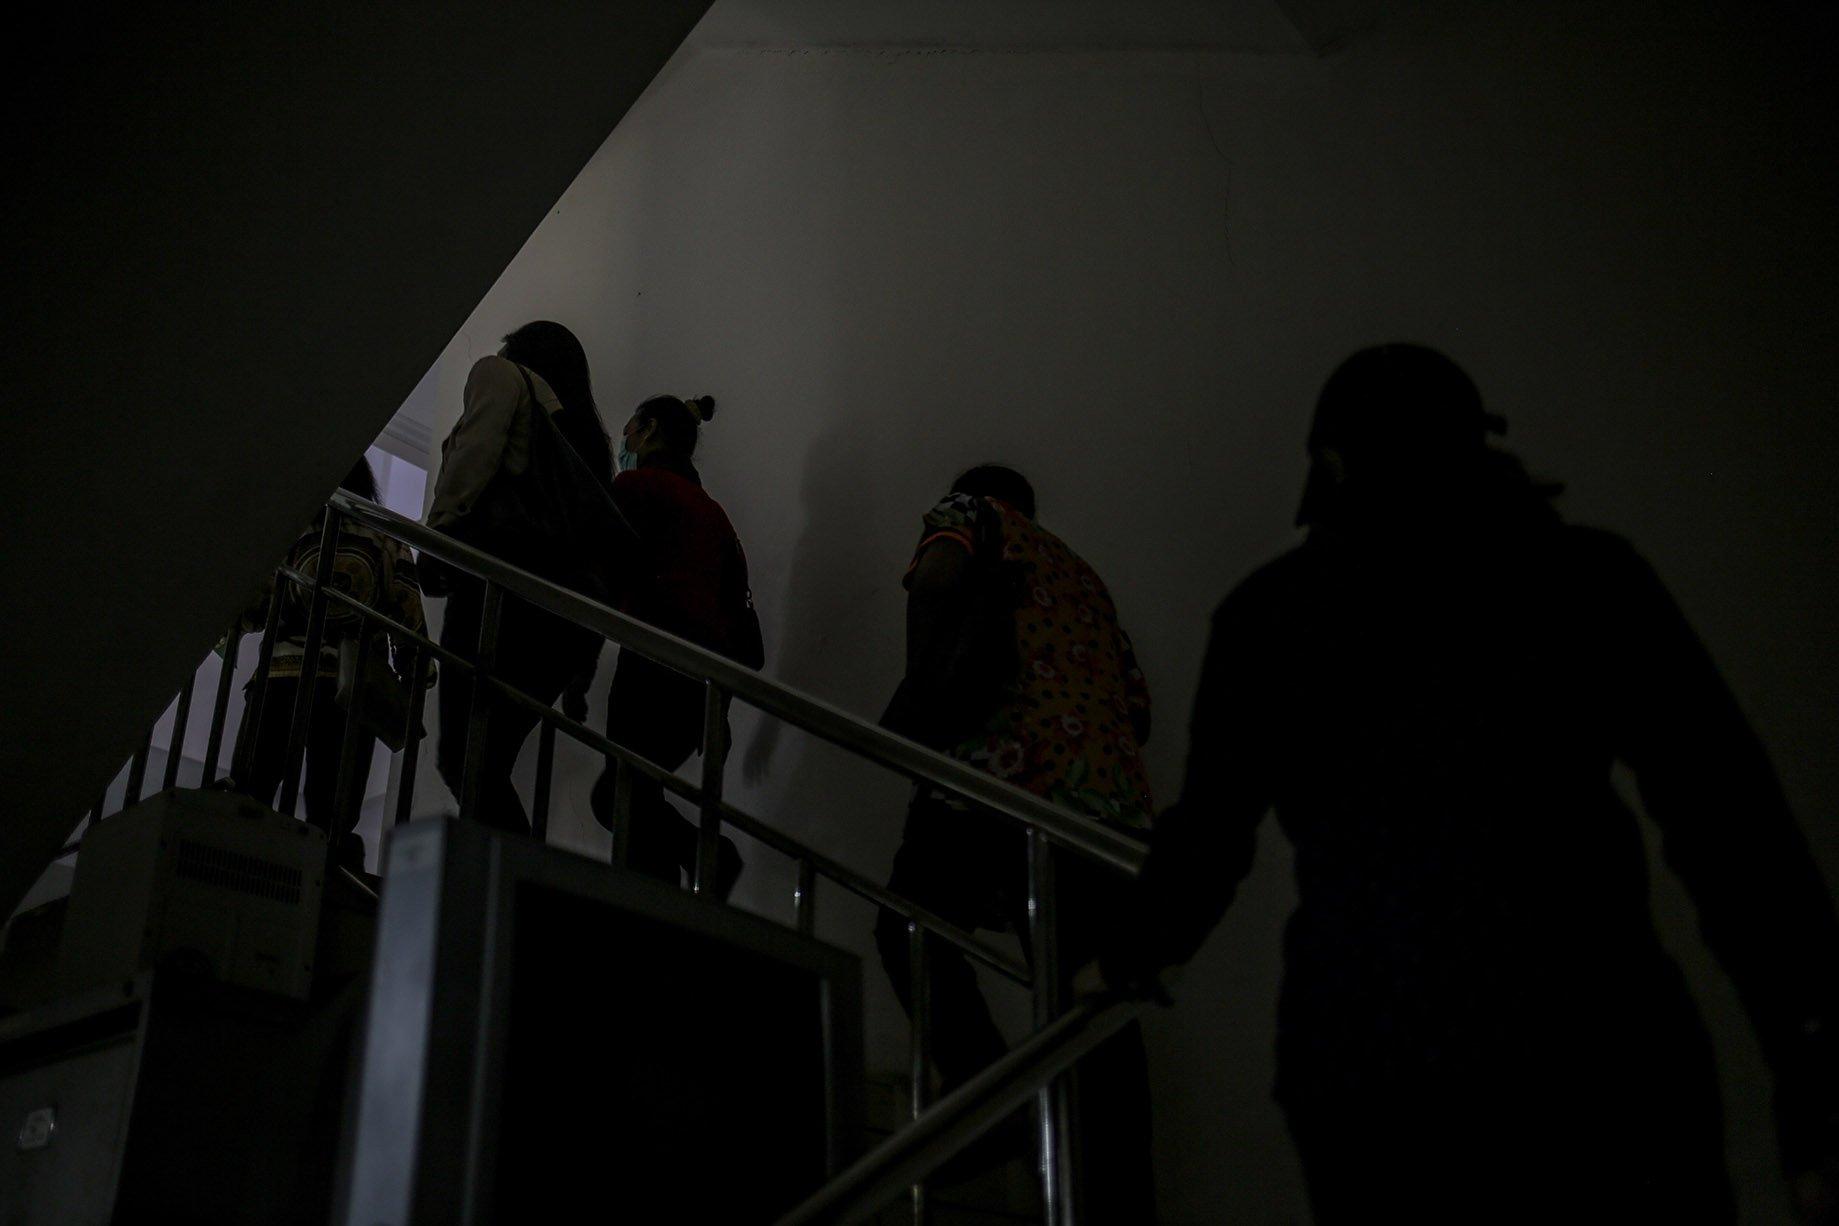 Sejumlah transpuan menaiki tangga saat akan merekam sidik jari dan tes biometrik untuk membuat KTP elektronik di Suku Dinas Kependudukan dan Catatan Sipil Jakarta Selatan, Kamis (16/9/2021). KTP elektronik bagi transgender perempuan (transpuan) agar mereka bisa mendapatkan pelayanan publik seperti jaminan sosial, kesehatan, hingga pendidikan.